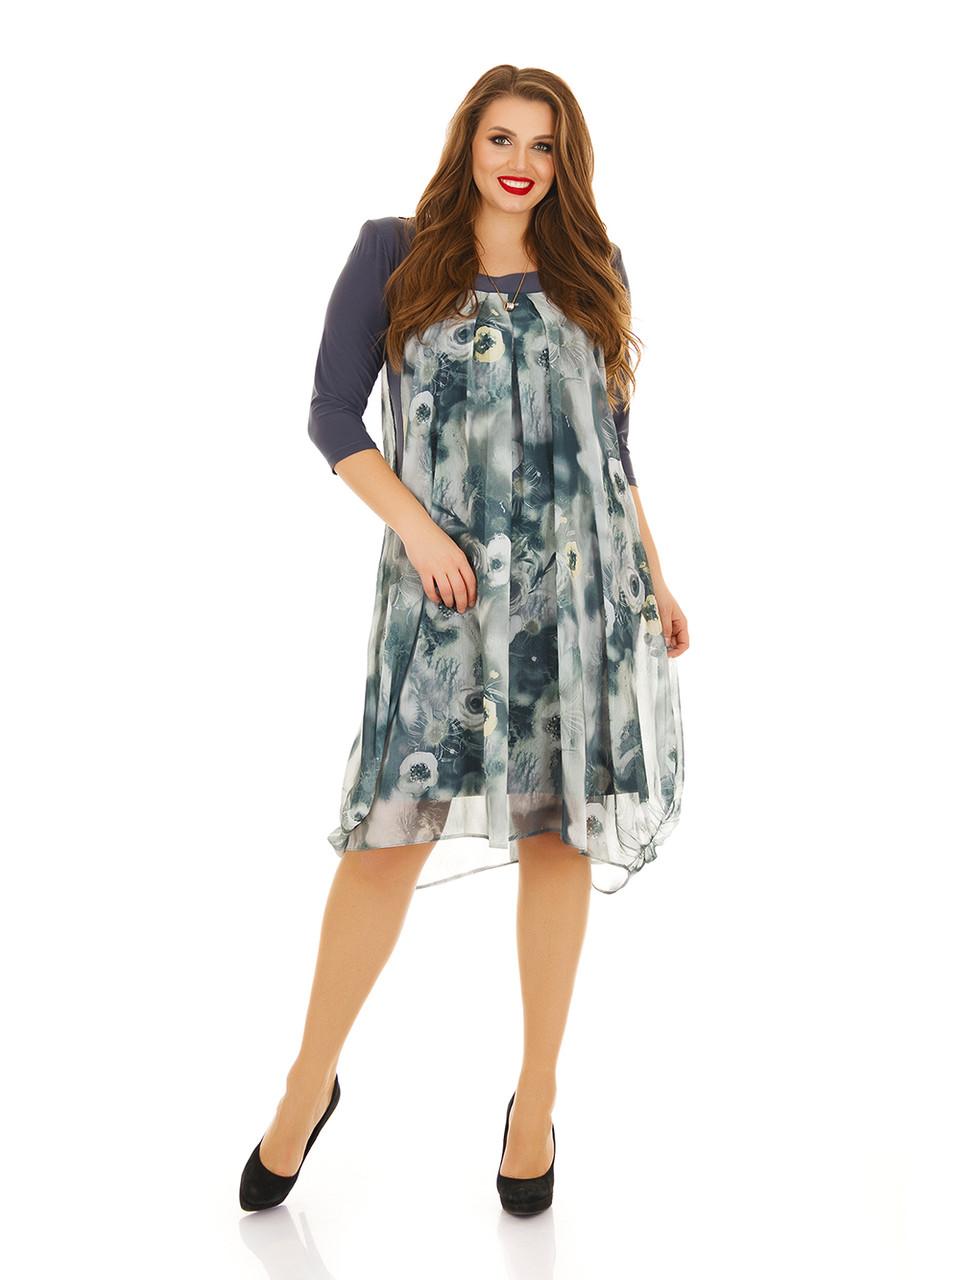 299d277c886 Платье двойное масло трикотаж и шифон Индивидуальный пошив - Интернет  магазин